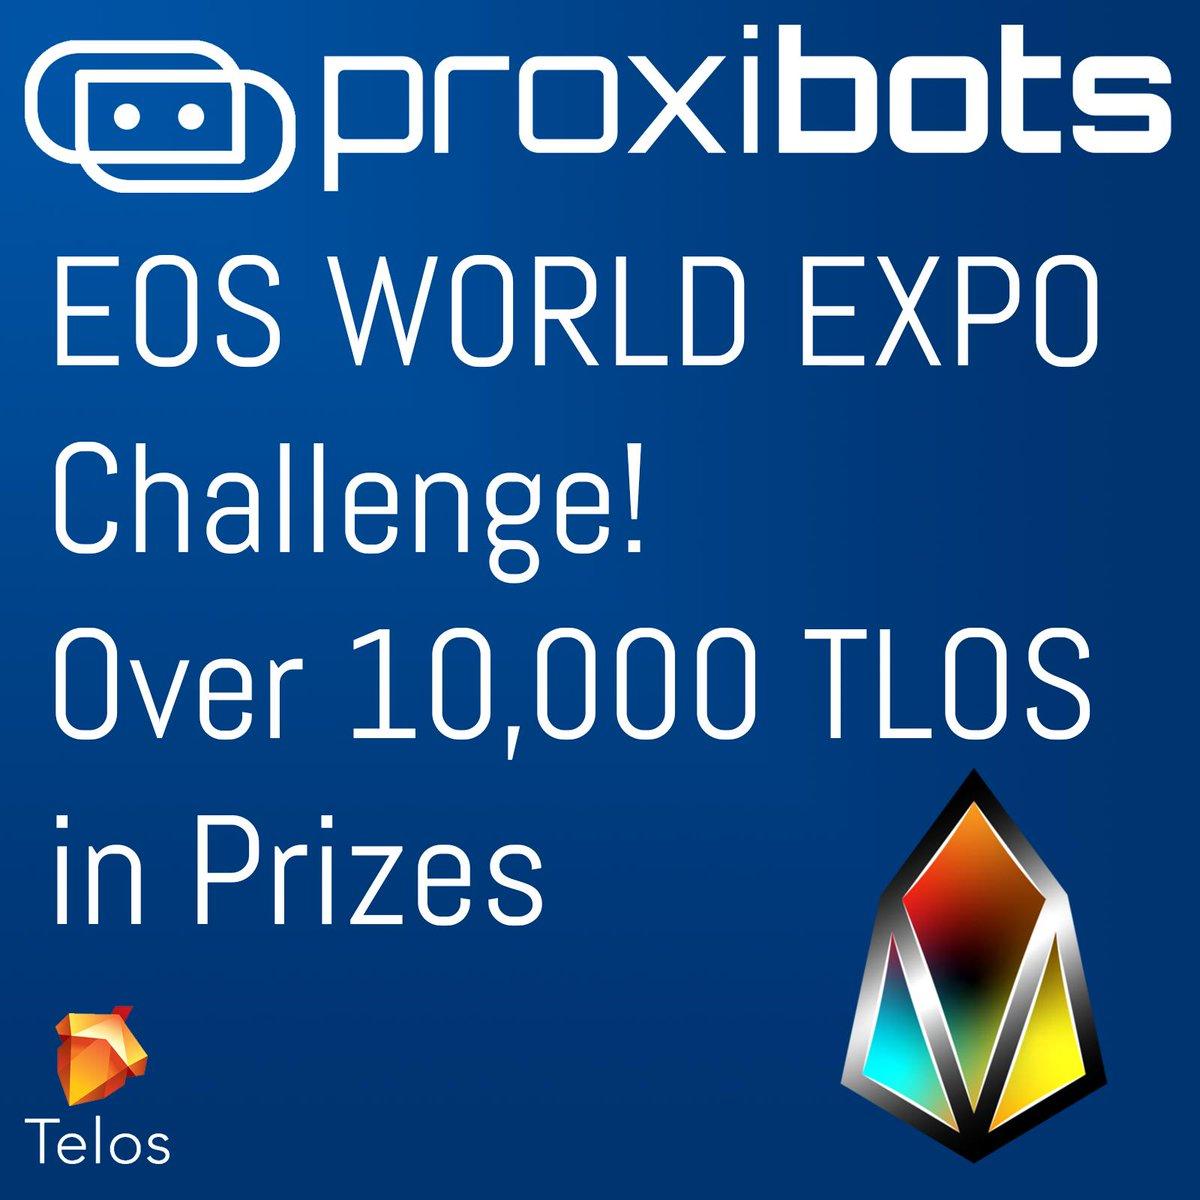 Come to https://proxibots.io to take on the @EosWorldExpo challenge to win over 10k TLOS in prizes! @BuildOnTelos #telos #eosio #robotics